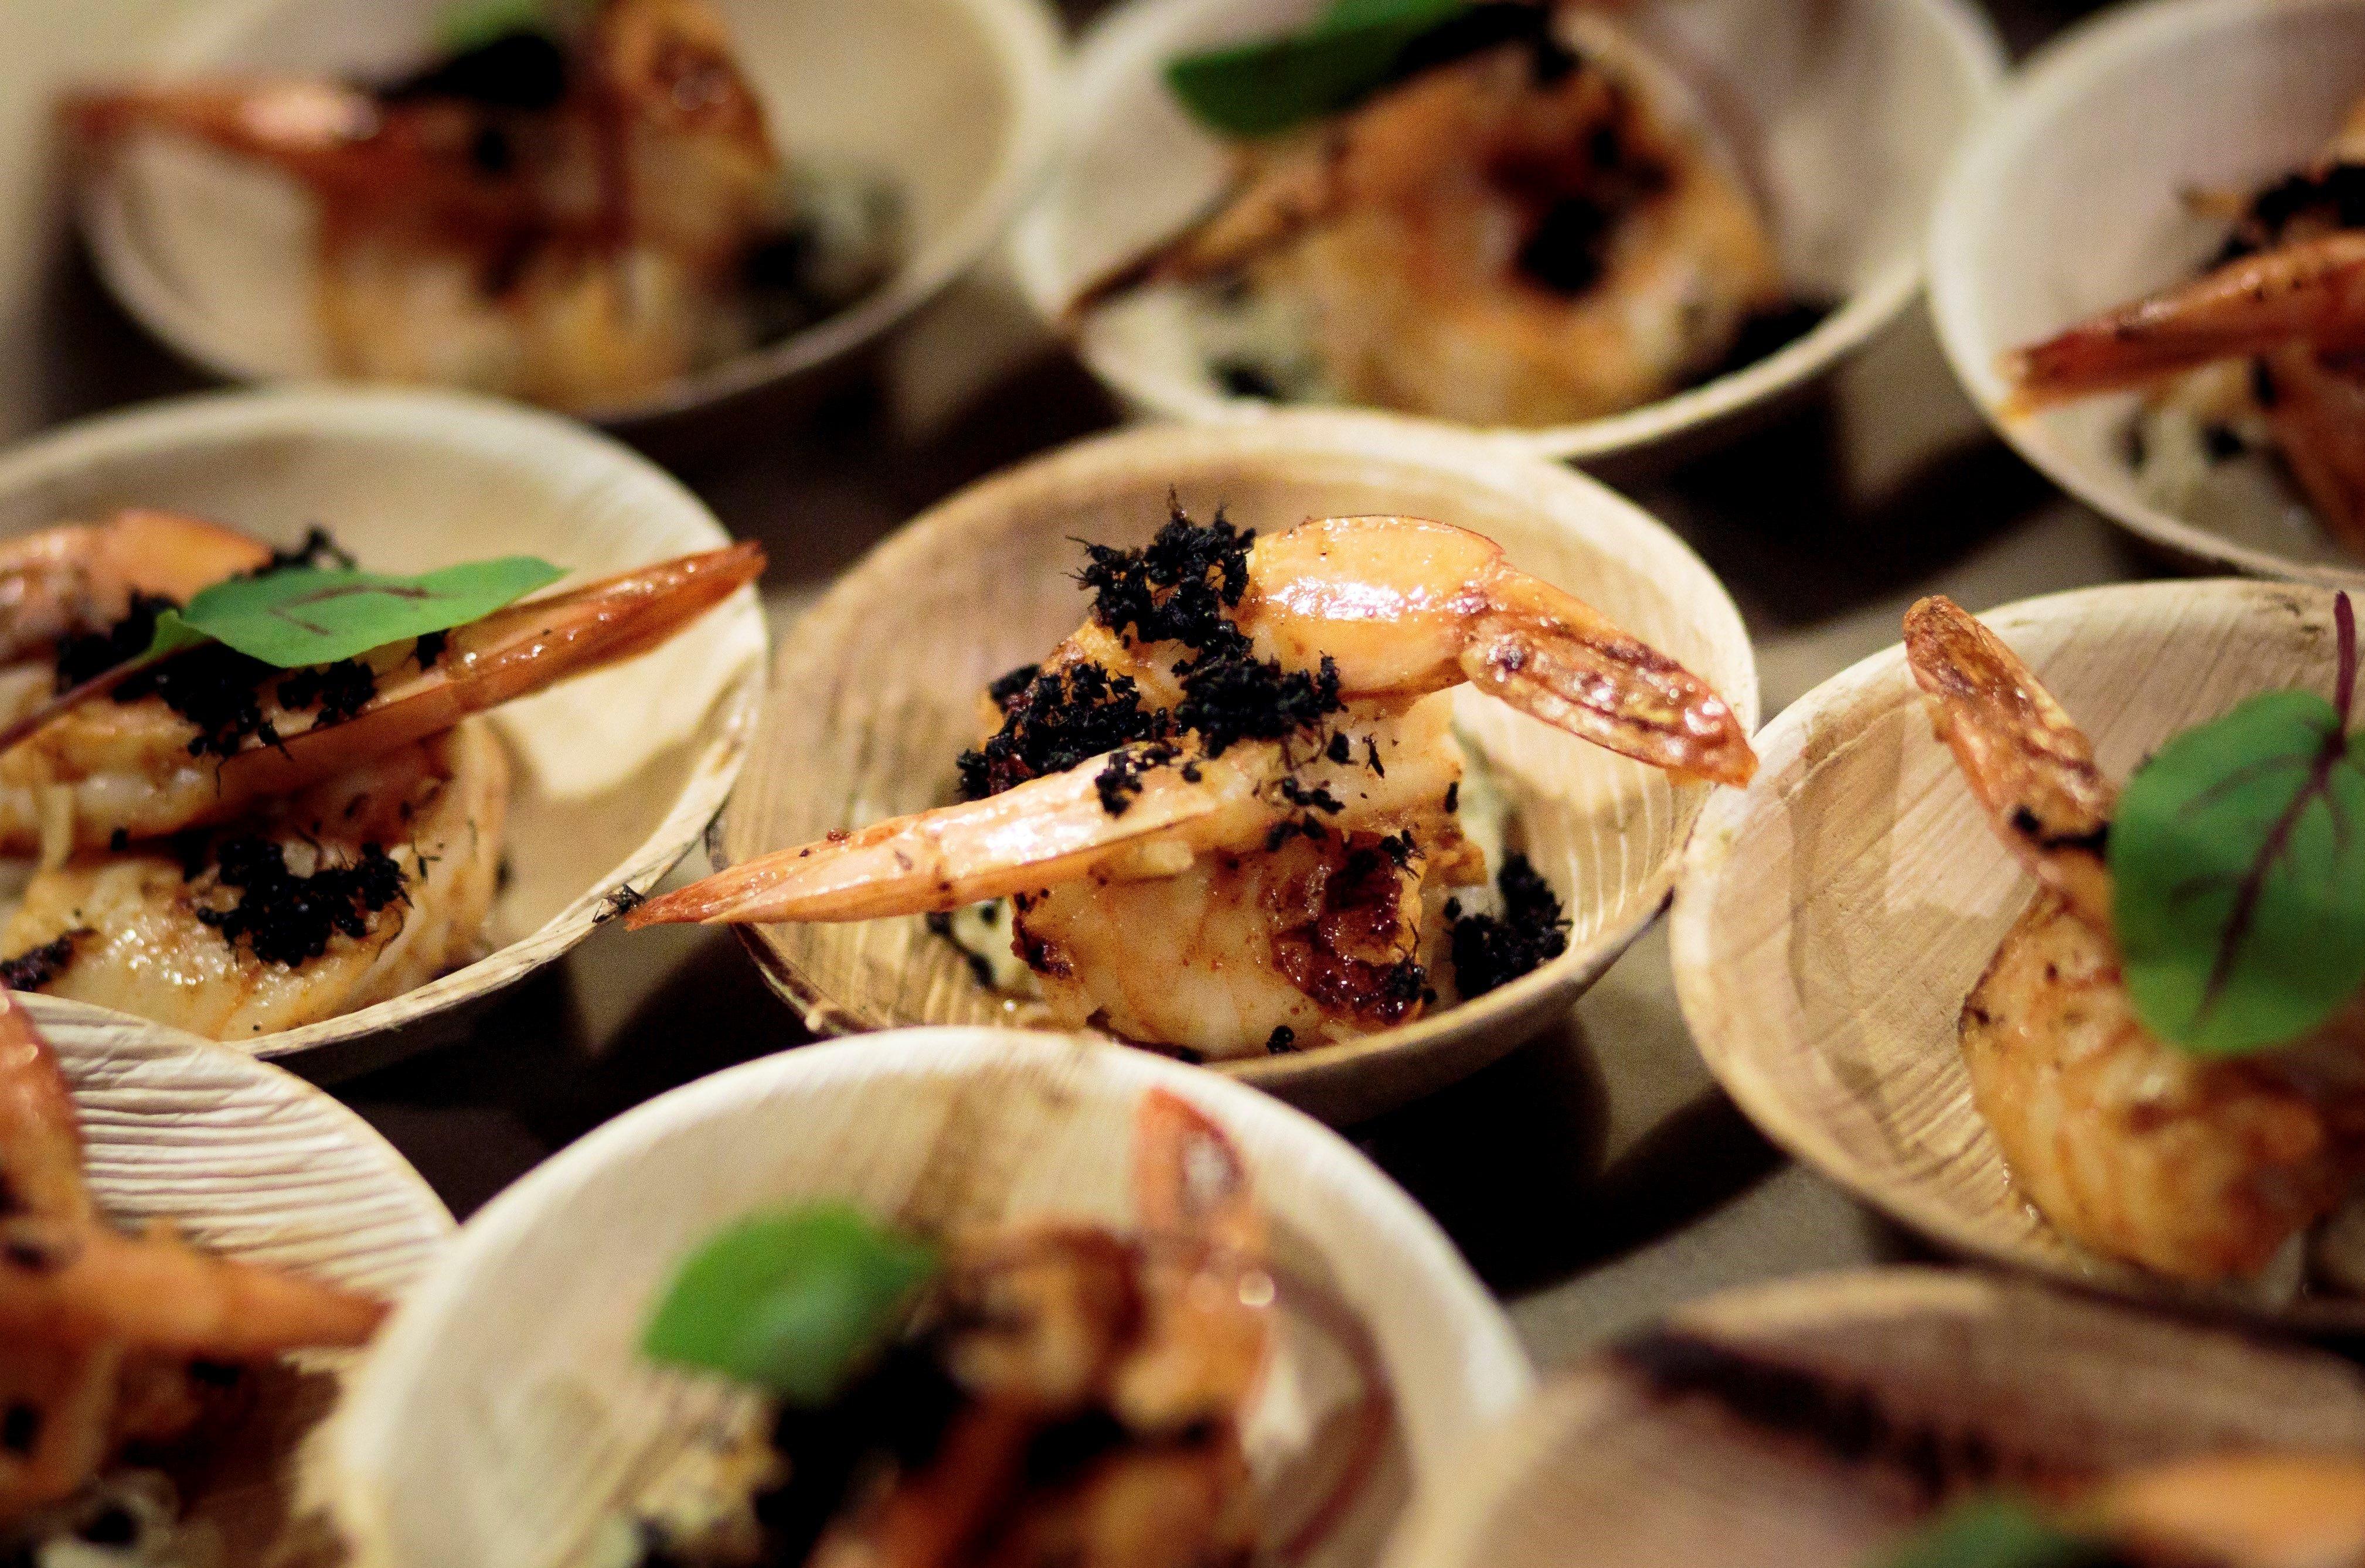 Una de les propostes del xef Joseph Yoon, coronada amb formigues, que forma part d'un menú de 10 plats amb insectes comestibles, al Brooklyn Kitchen, a Brooklyn, Nova York. /JUSTIN LANE